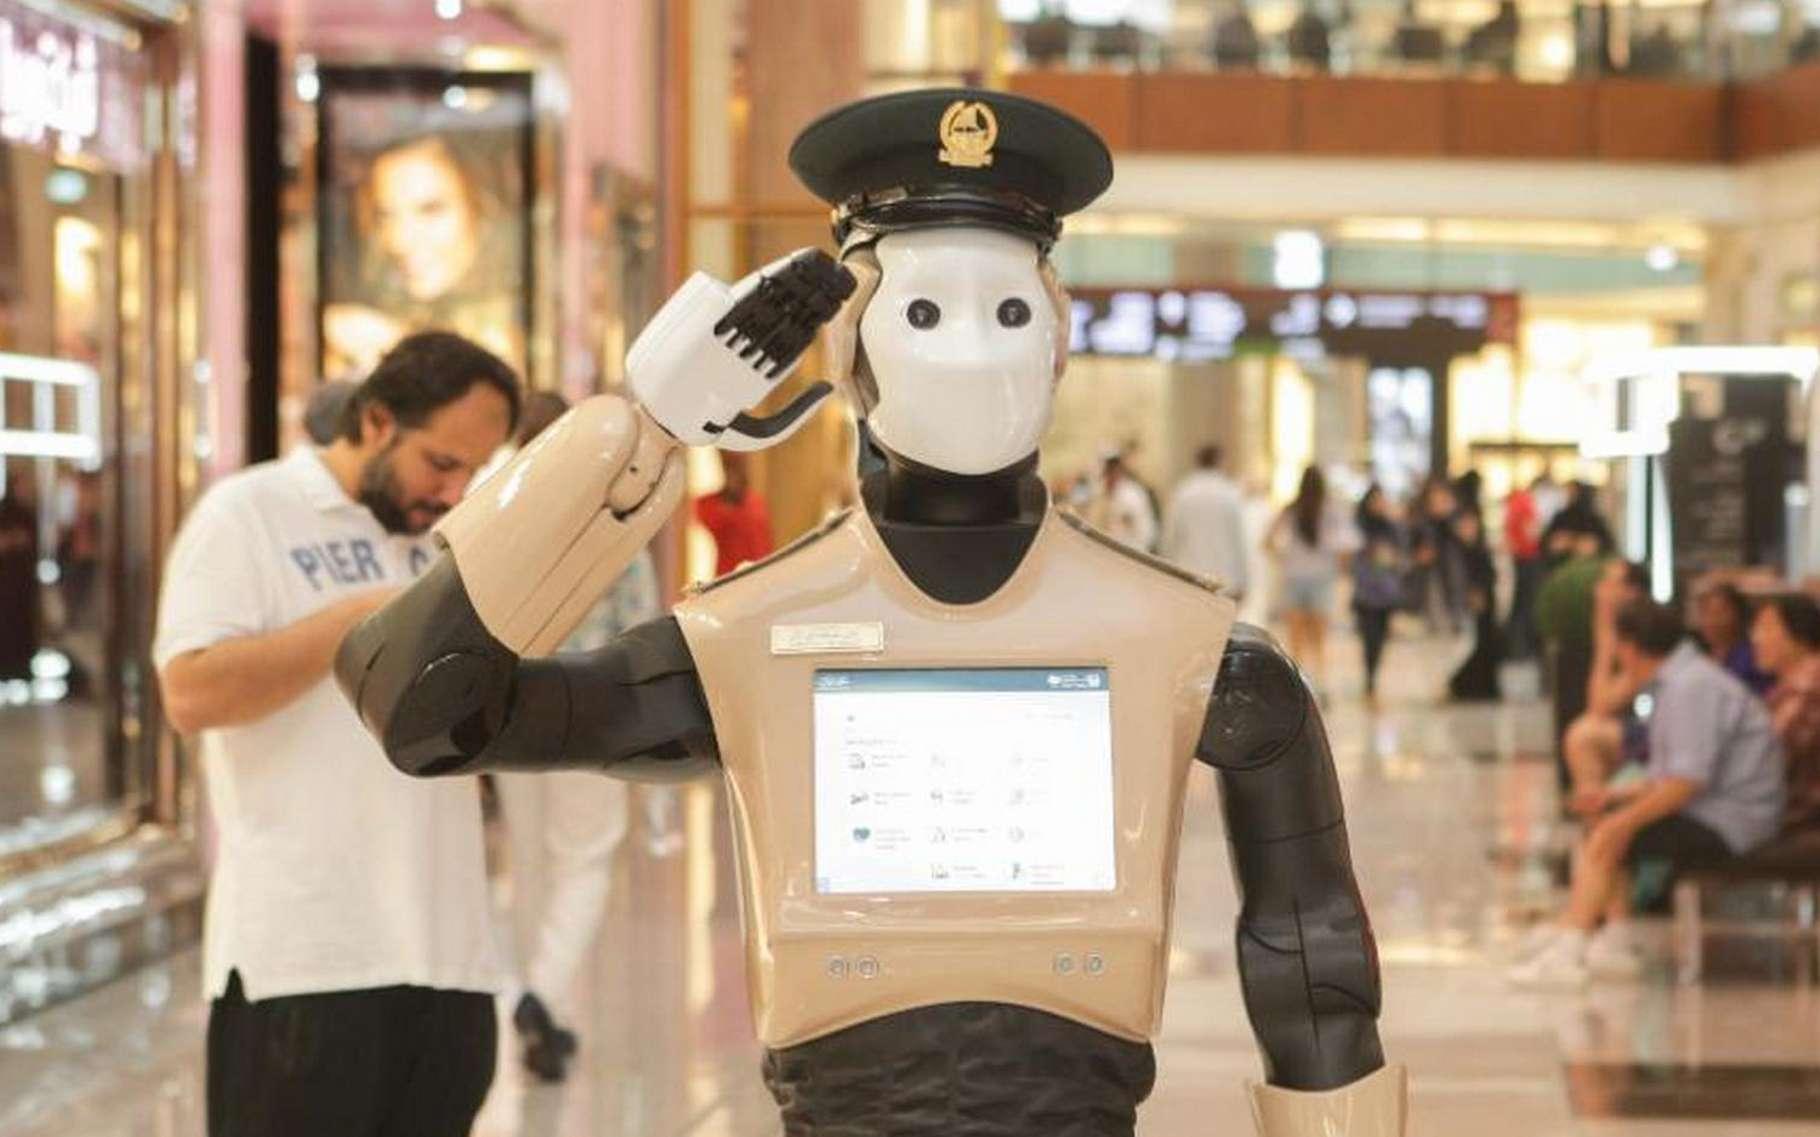 Le robot policier mis en service à Dubaï a été conçu sur la base du robot REEM de la société espagnole Pal Robotics. © Dubai Media Office